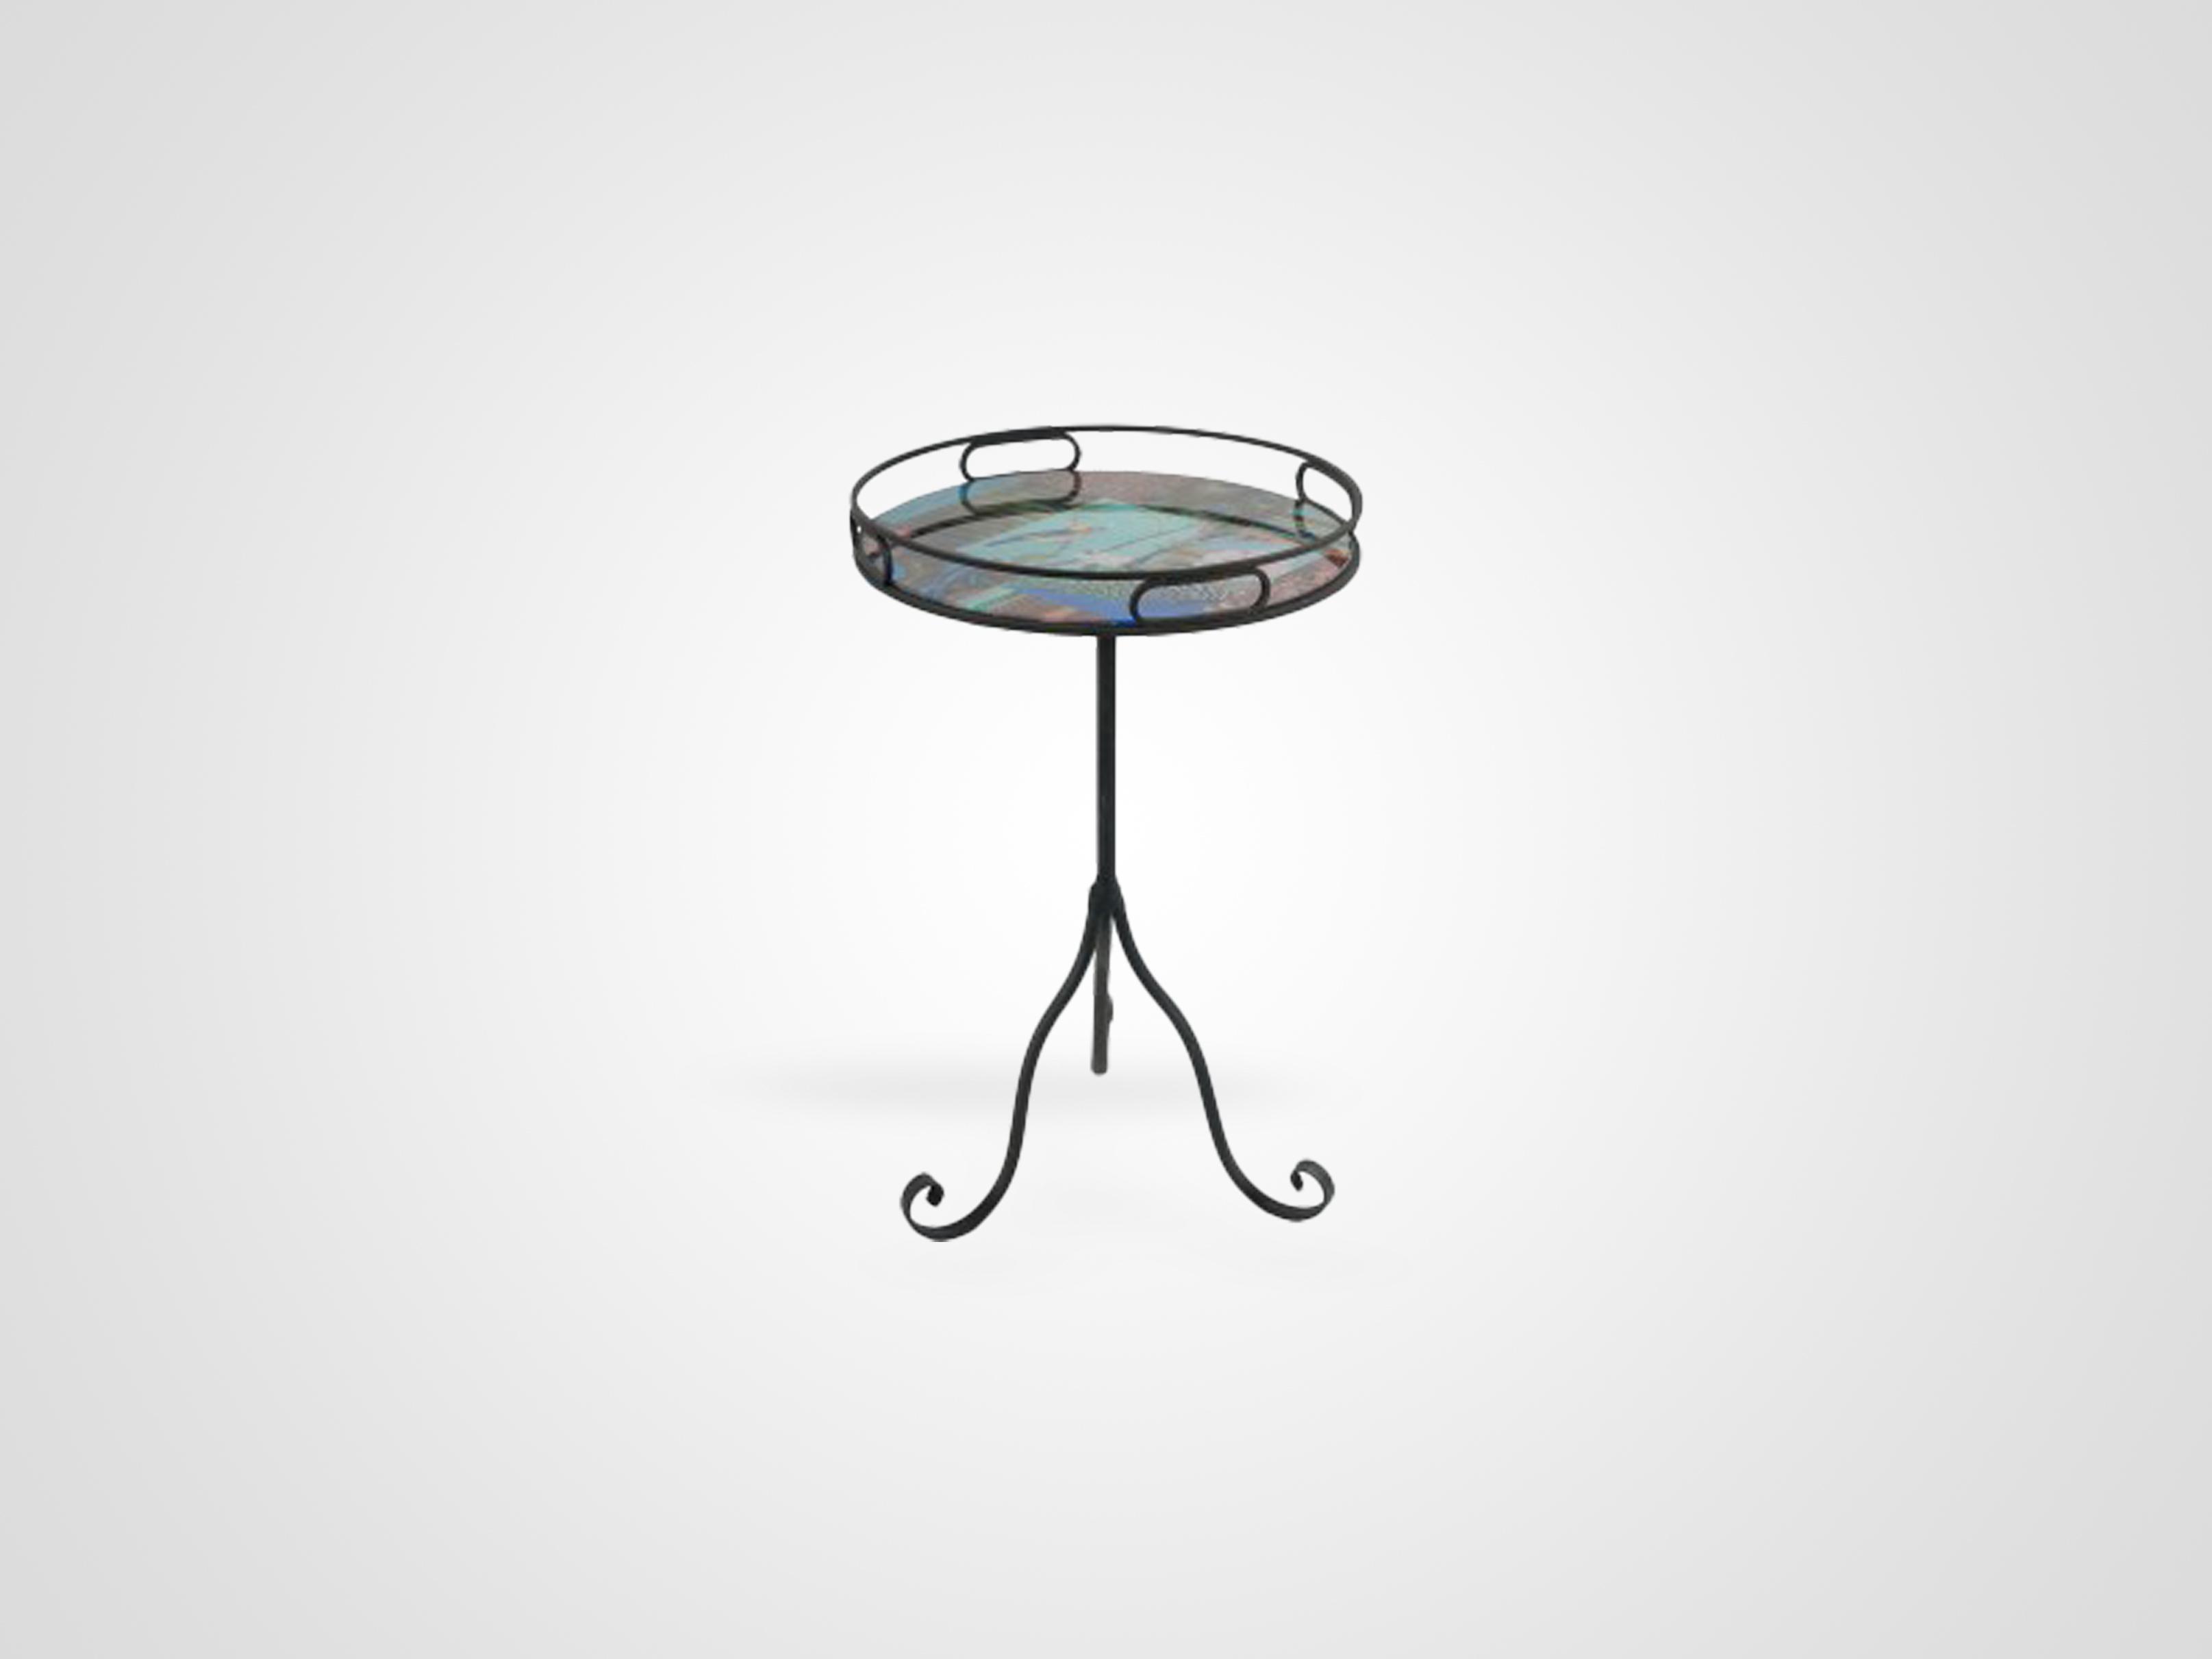 Купить Приставной журнальный столик на металлической ножке, inmyroom, Китай